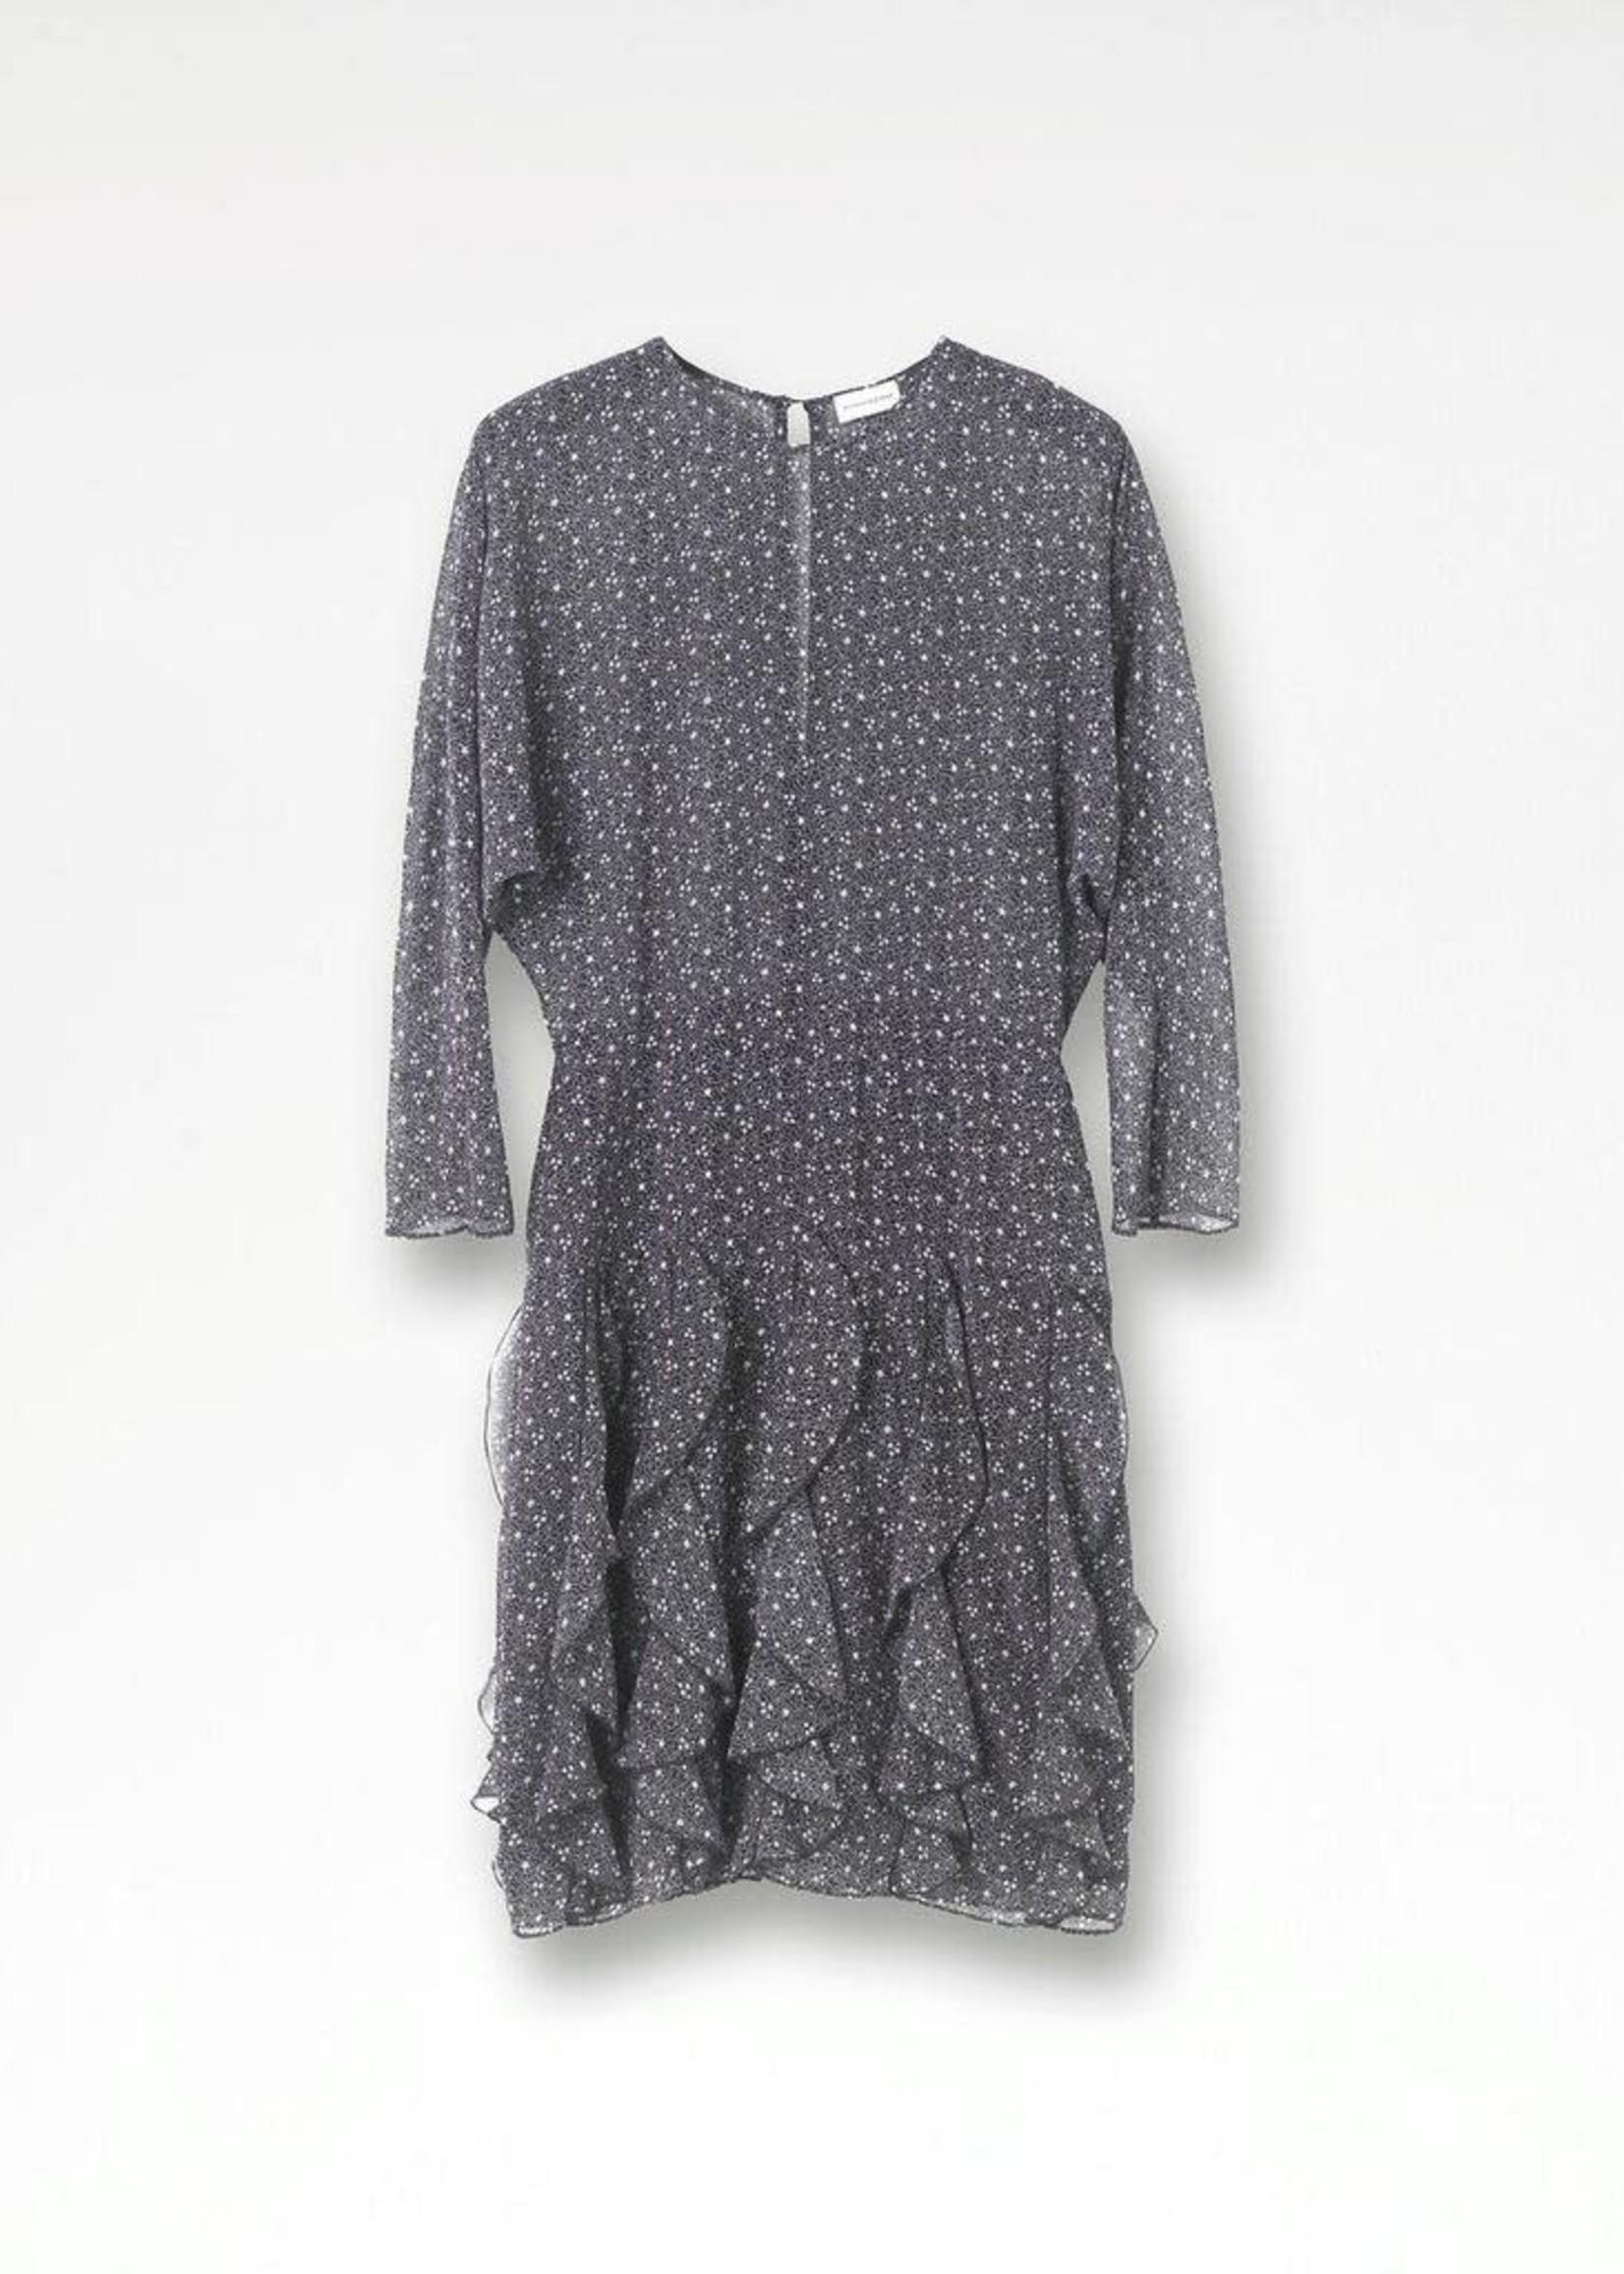 BY MALENE BIRGER REZA DRESS